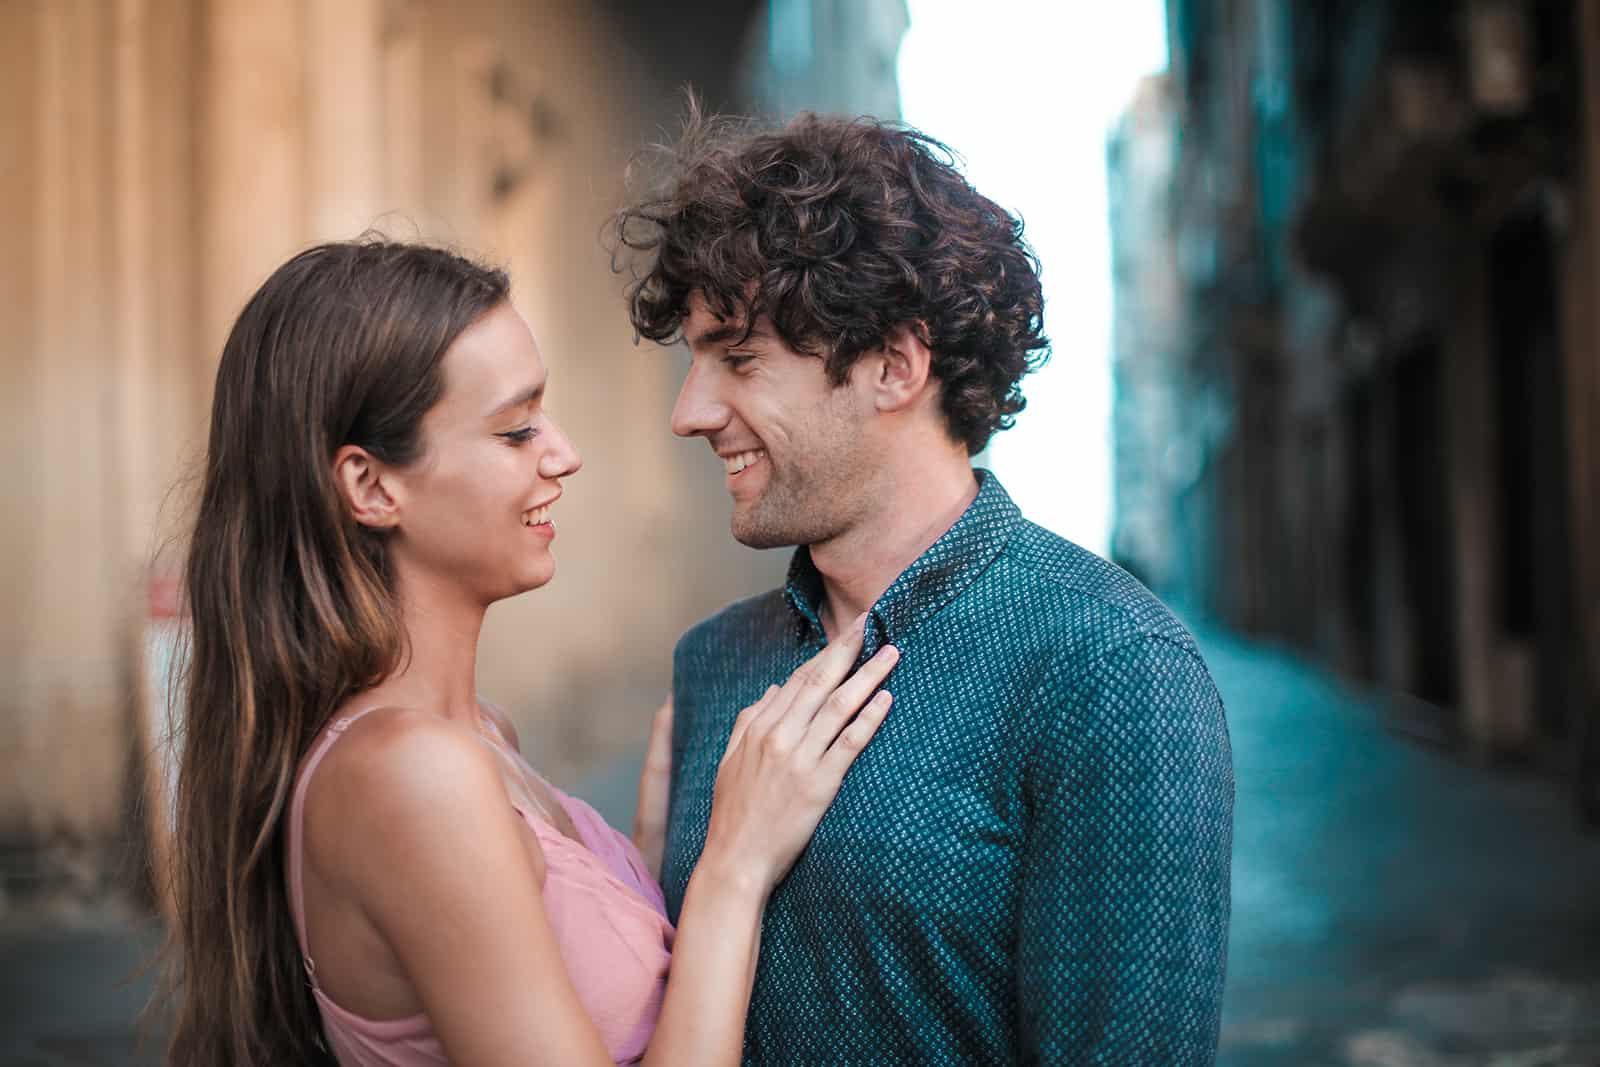 un couple souriant face à face debout dans la rue